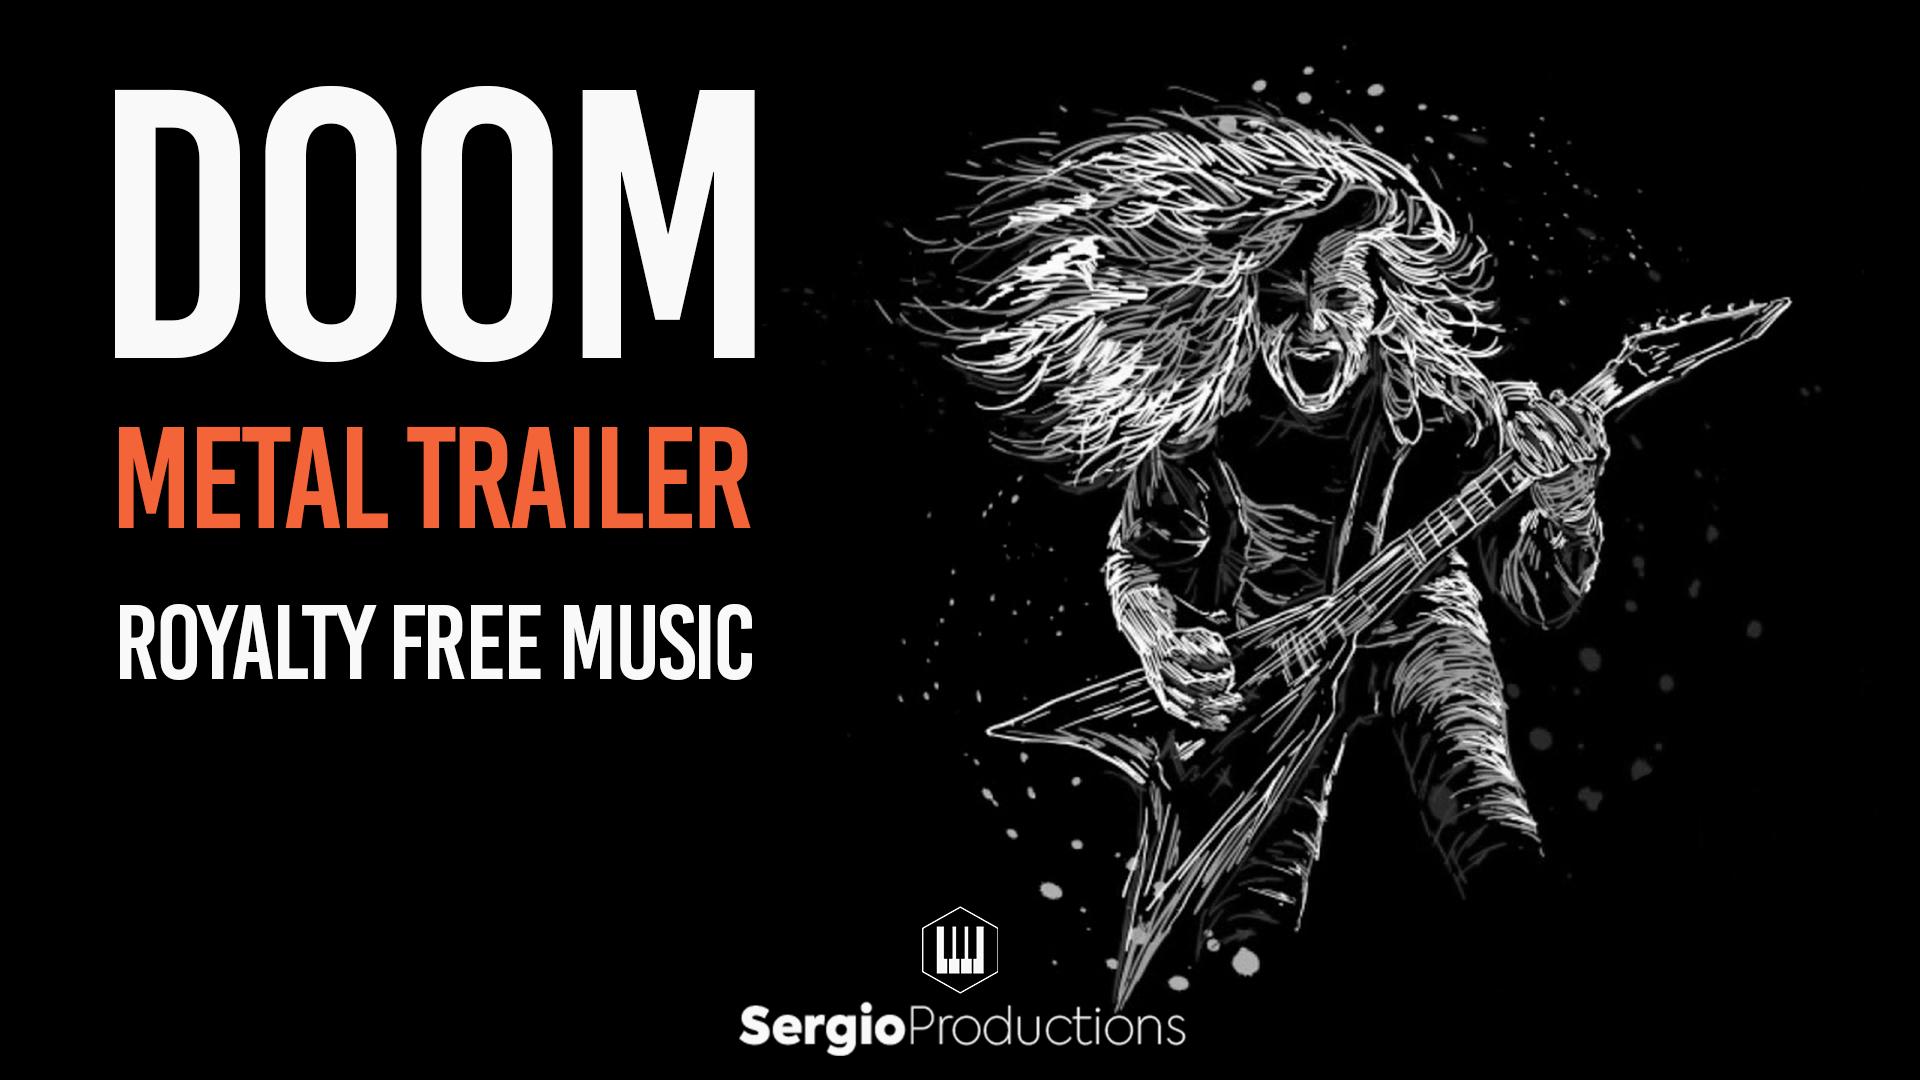 Doom-Metal-Trailer